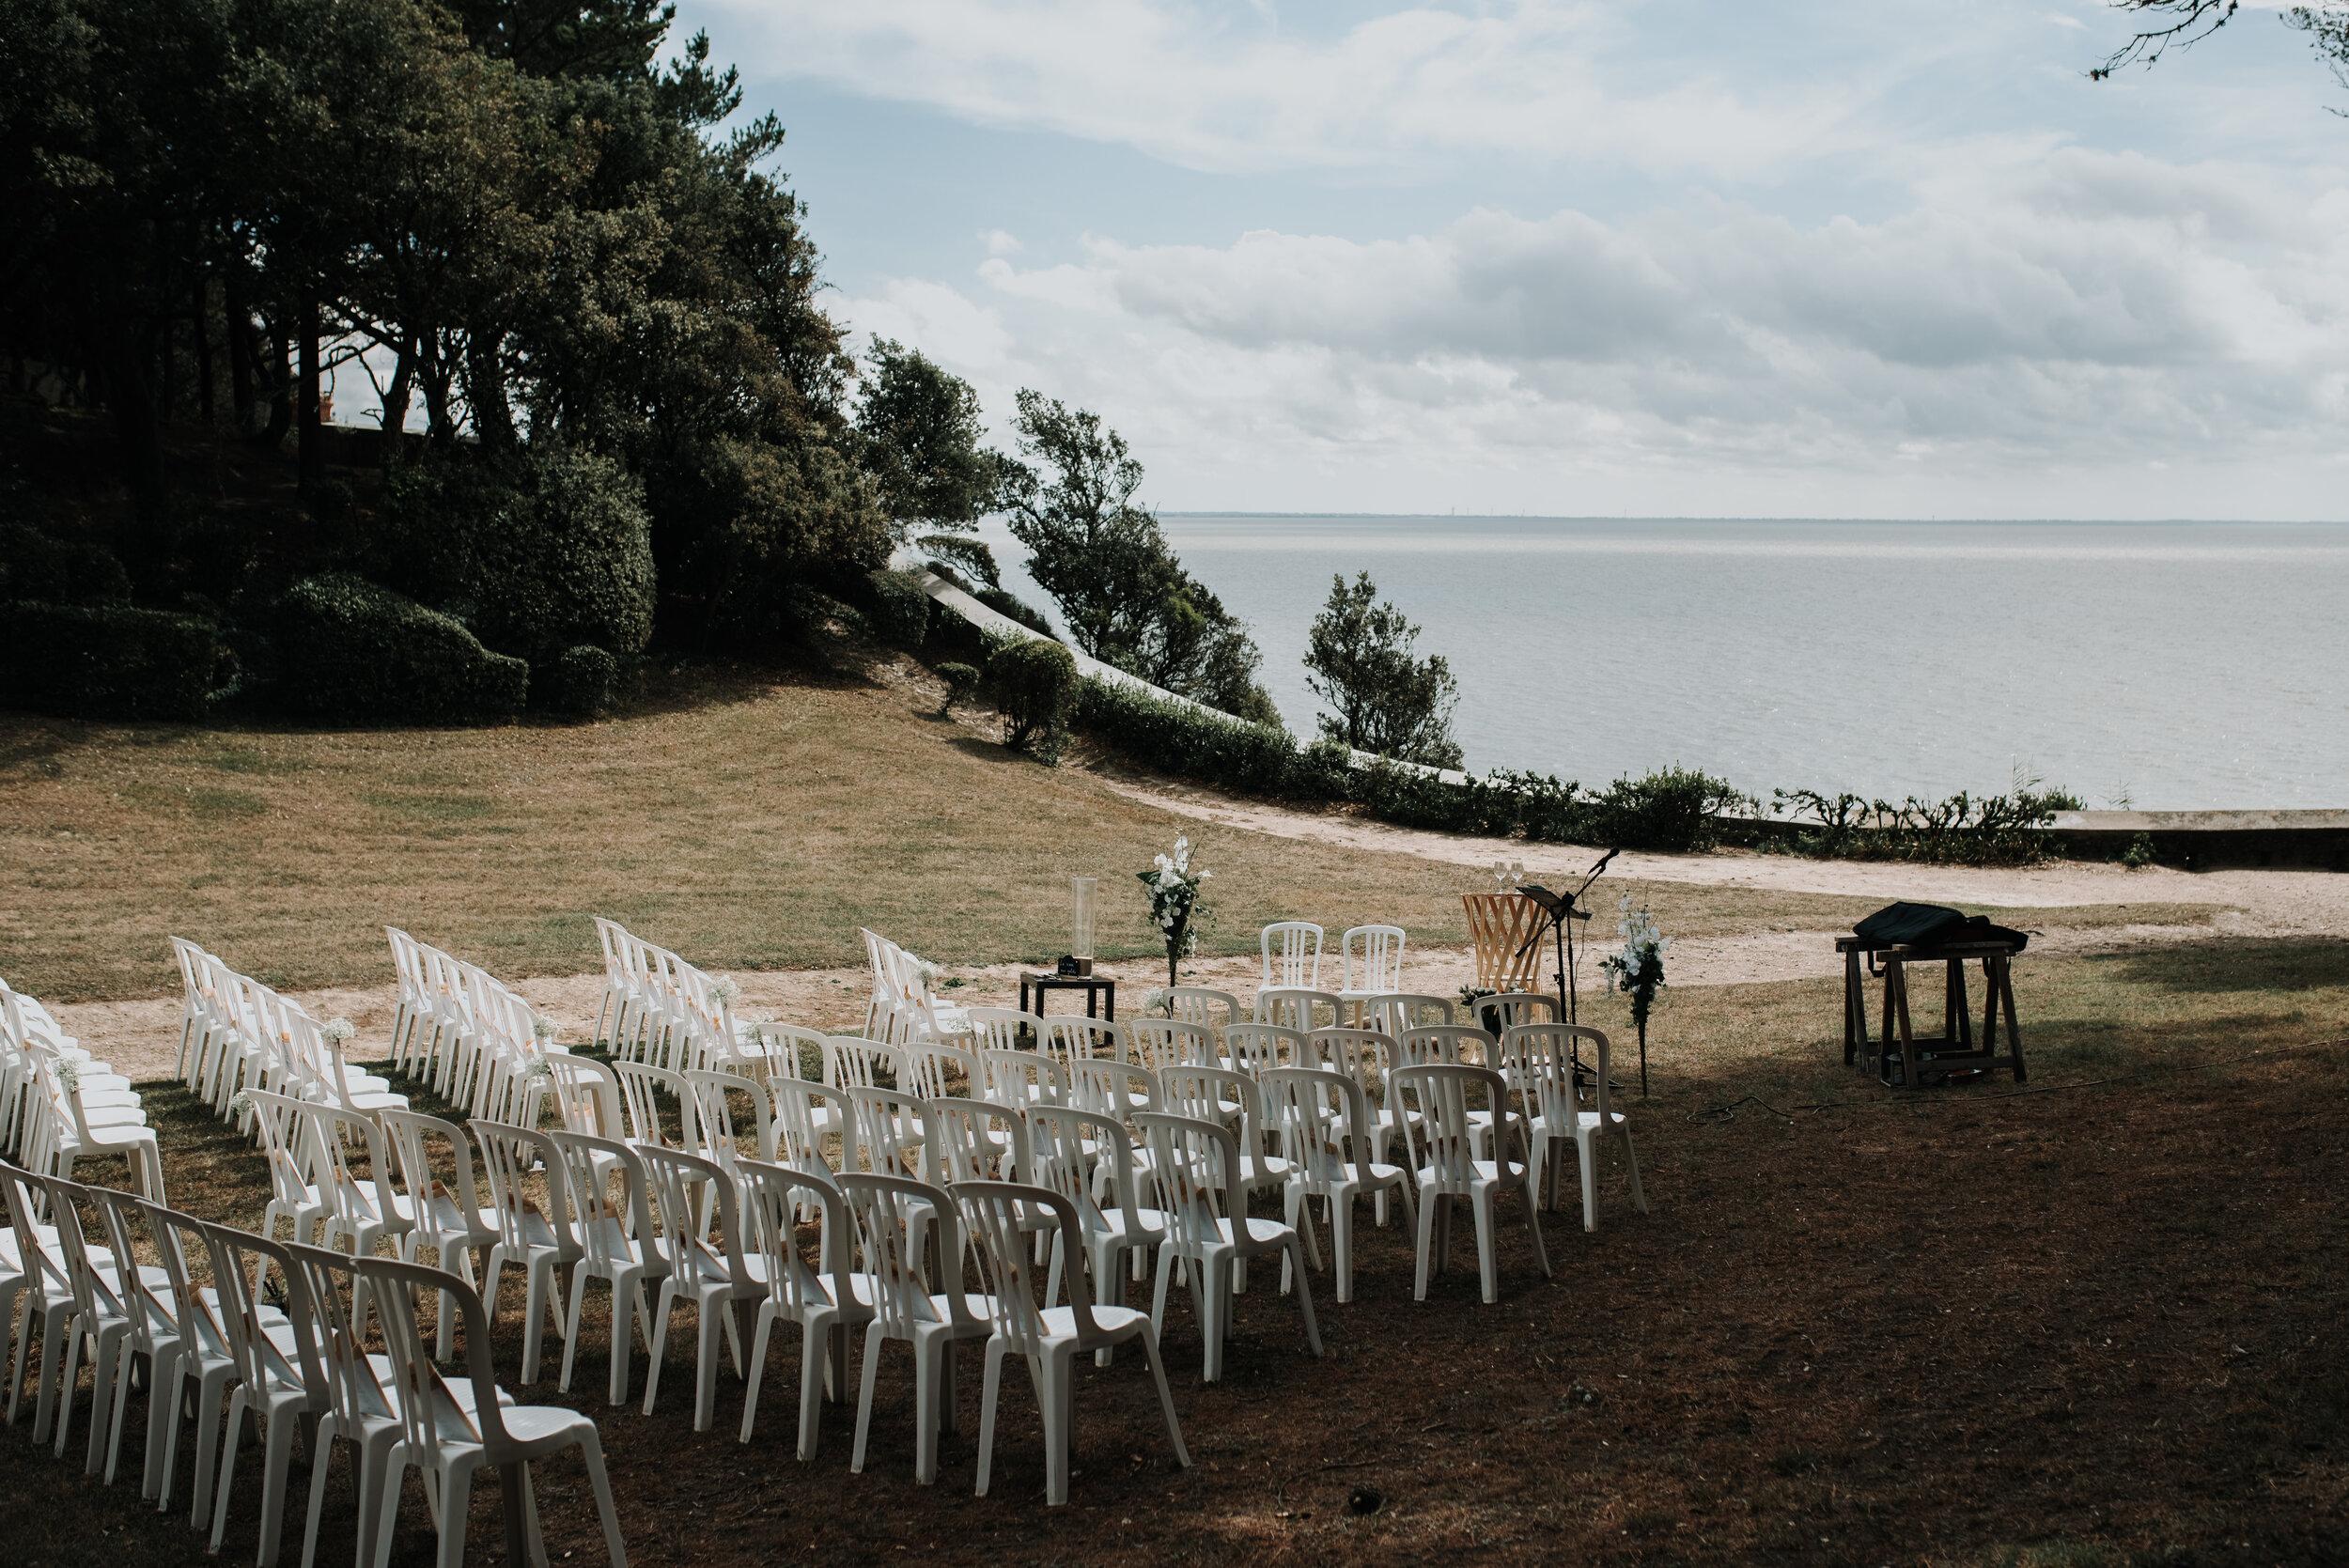 Léa-Fery-photographe-professionnel-Bretagne-portrait-creation-mariage-evenement-evenementiel-famille-6557.jpg